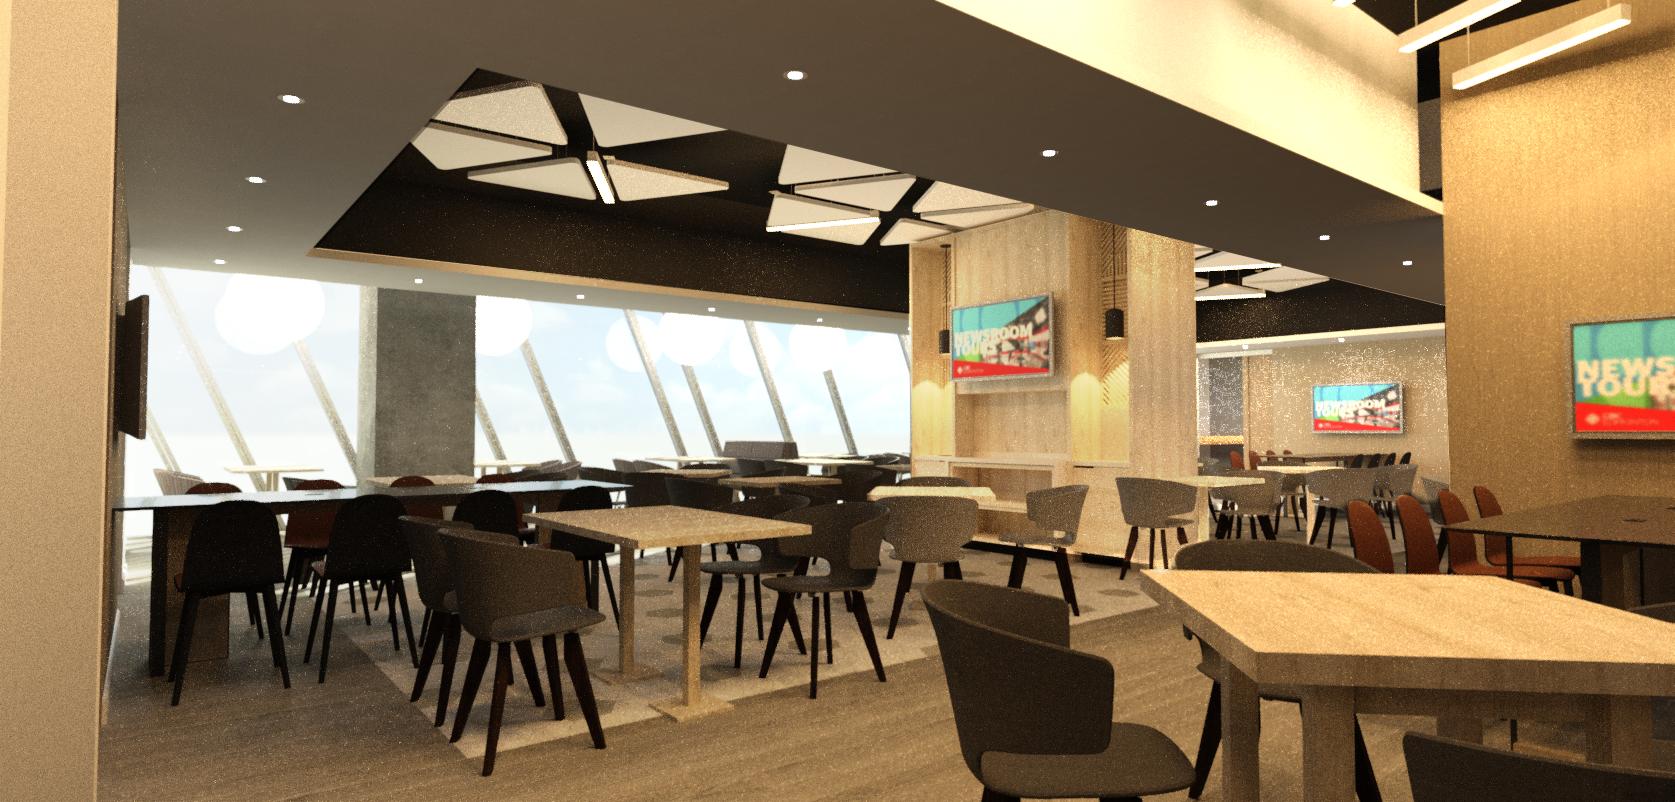 2018-13-29-renderings-dining-2png